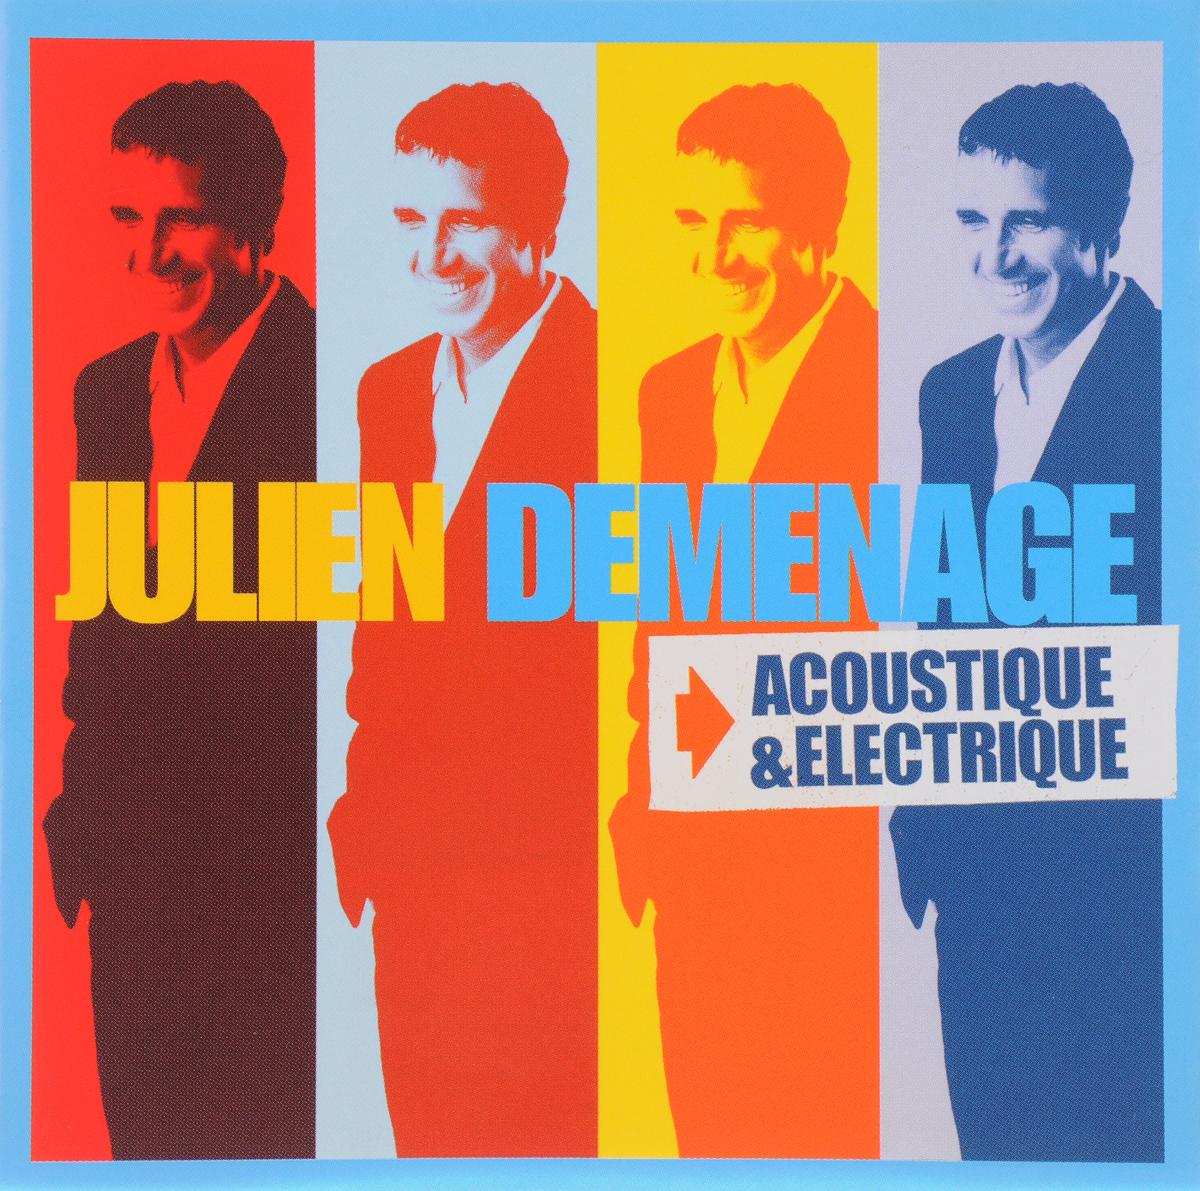 CLERC, JULIEN. DEMENAGE ACOUSTIQUE/ELECTRIQUE